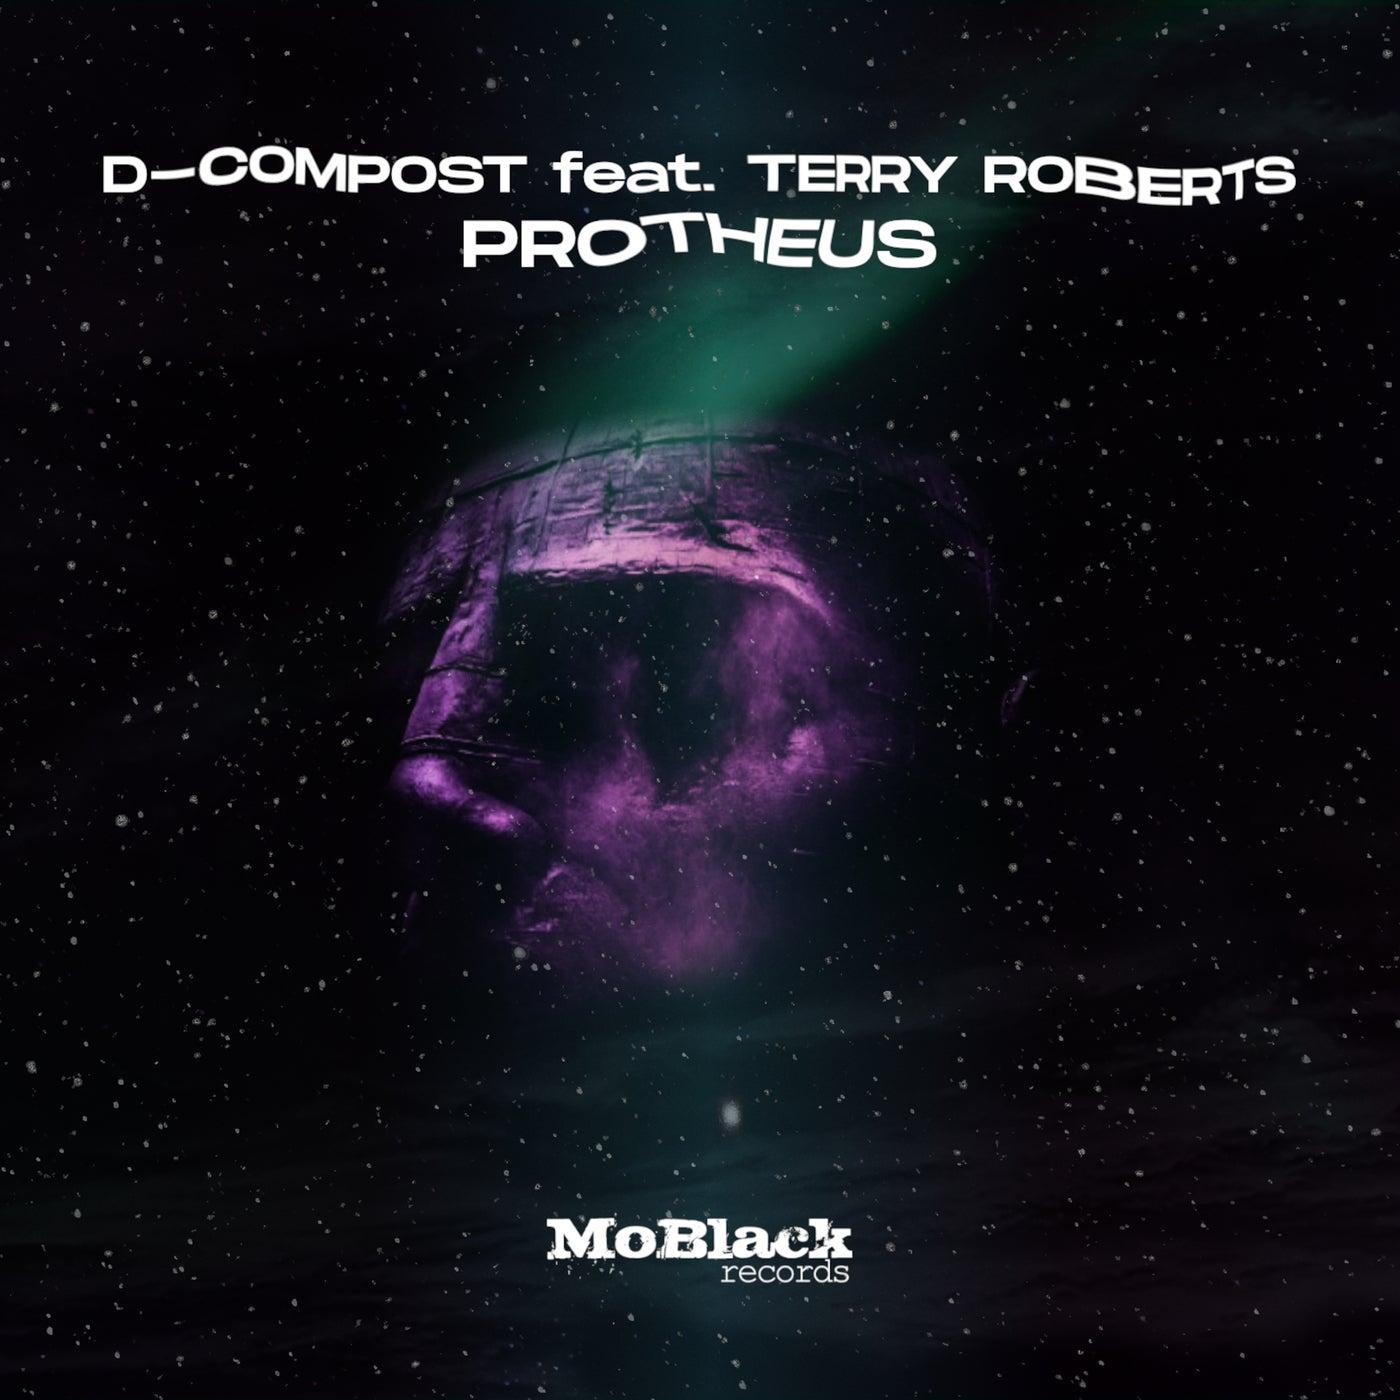 Protheus feat. Terry Roberts (Original Mix)